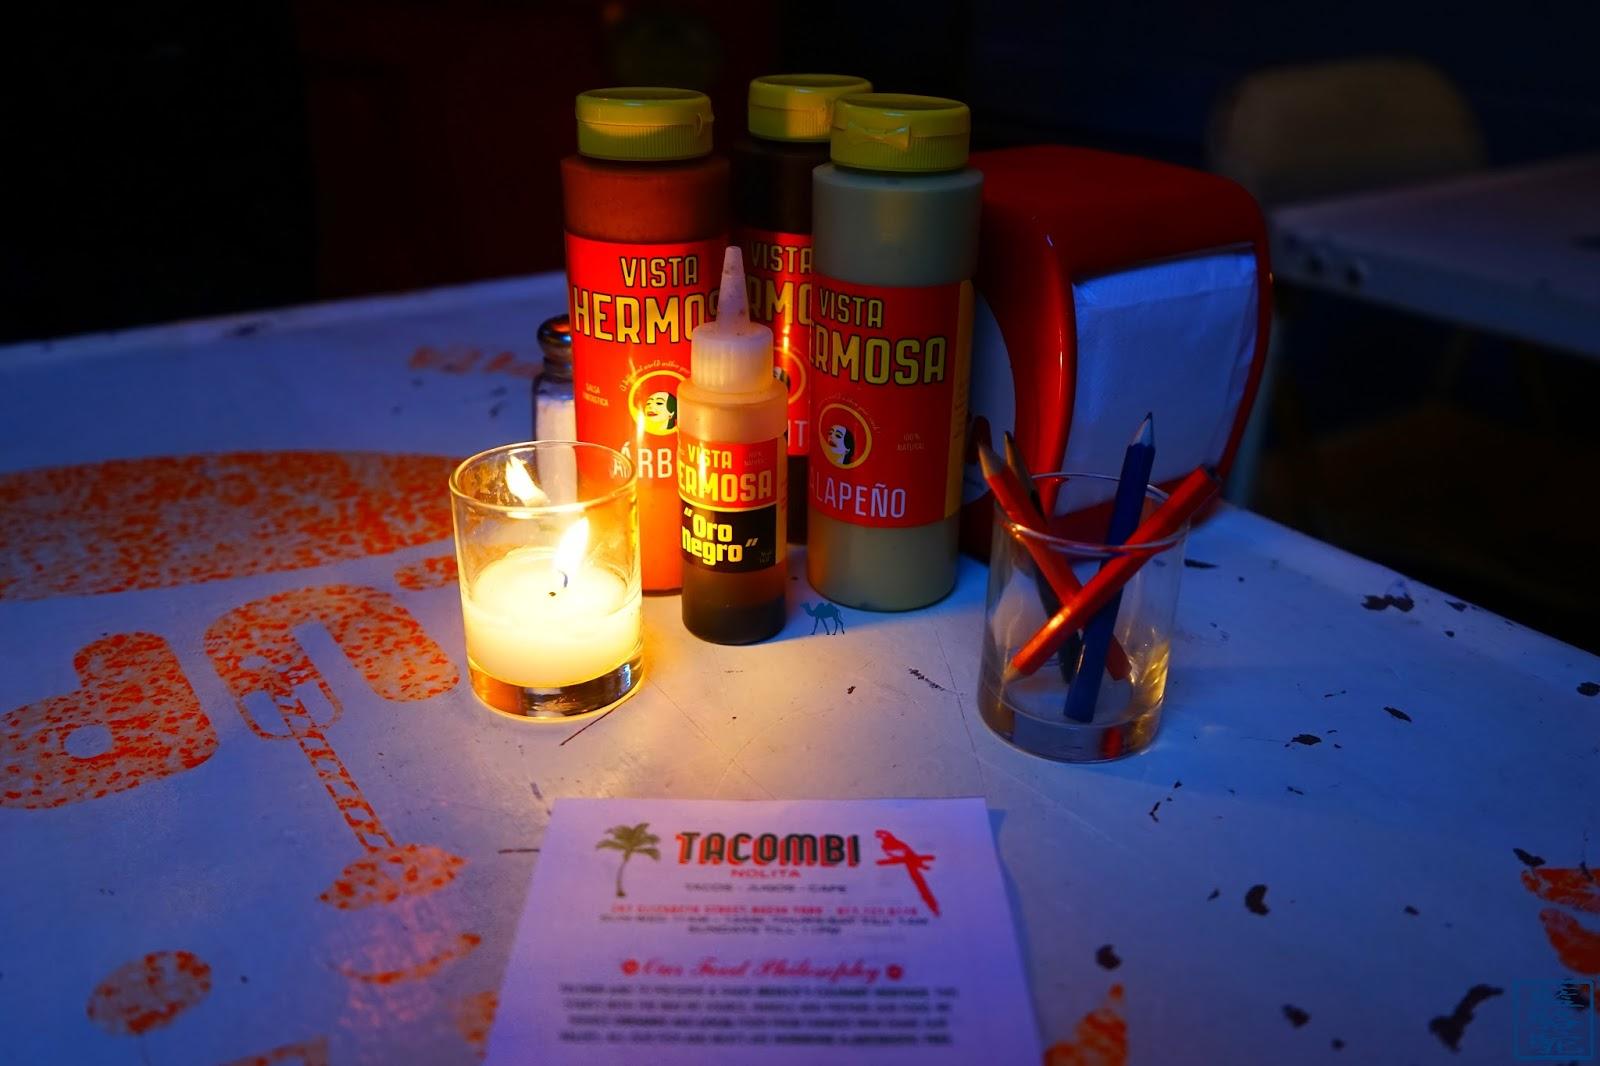 Le Chameau Bleu - Blog Voyage New York City - Diner à  Tacombi - Table - Restaurant mexicain à New York USA